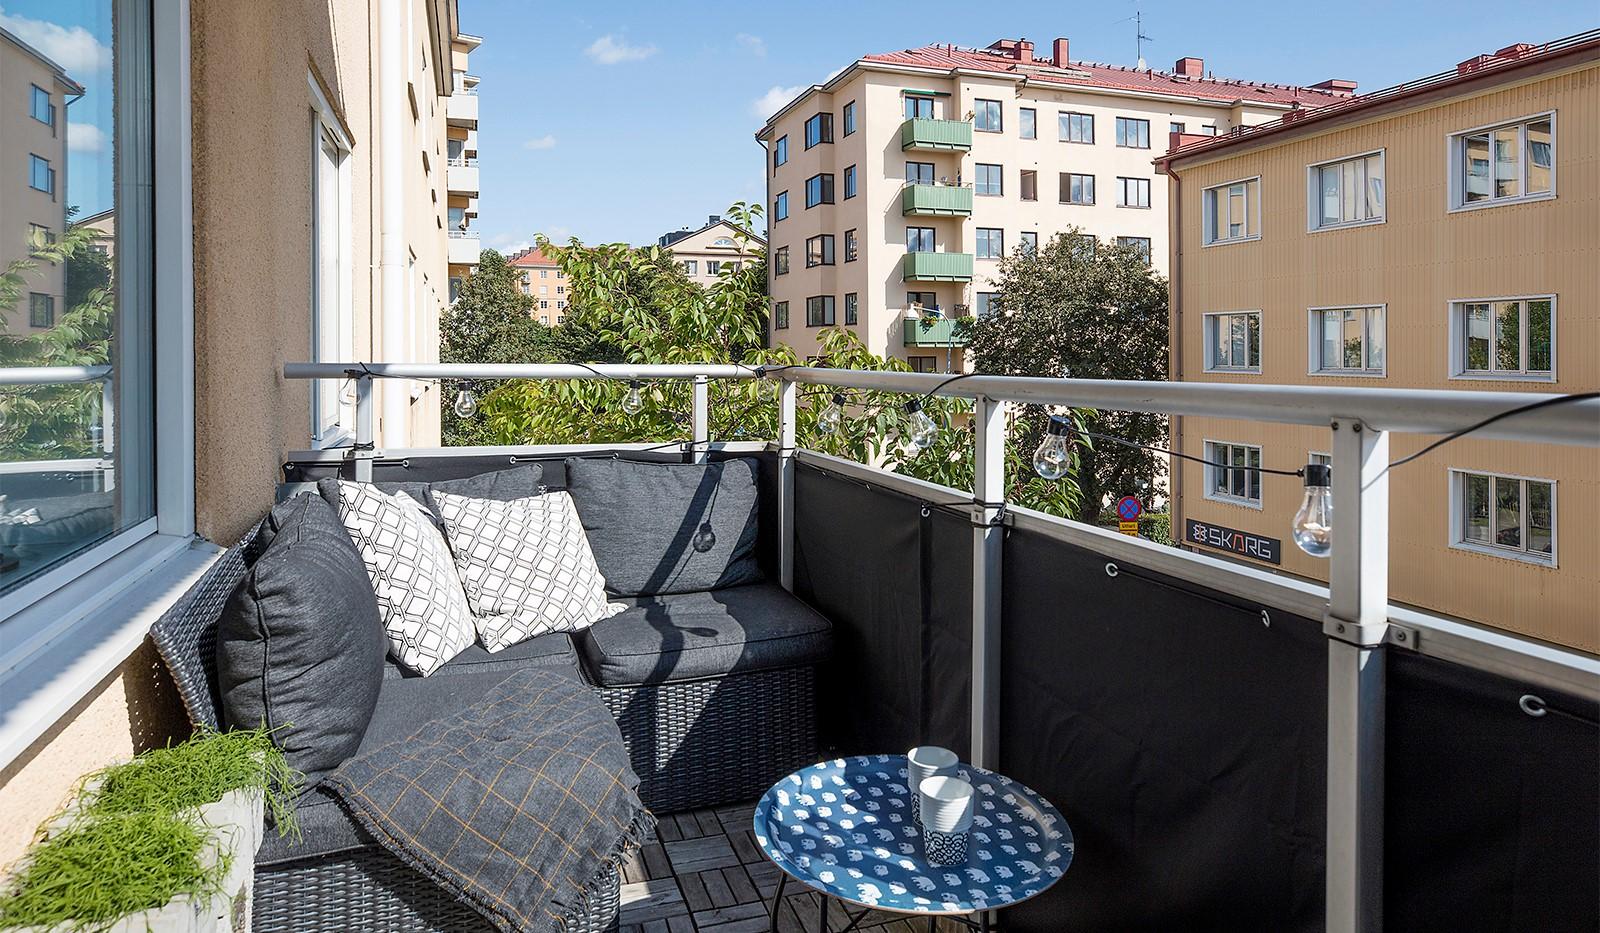 Råggatan 8, 1,5 tr - Slå dig ned på balkongen som har plats för loungemöbler